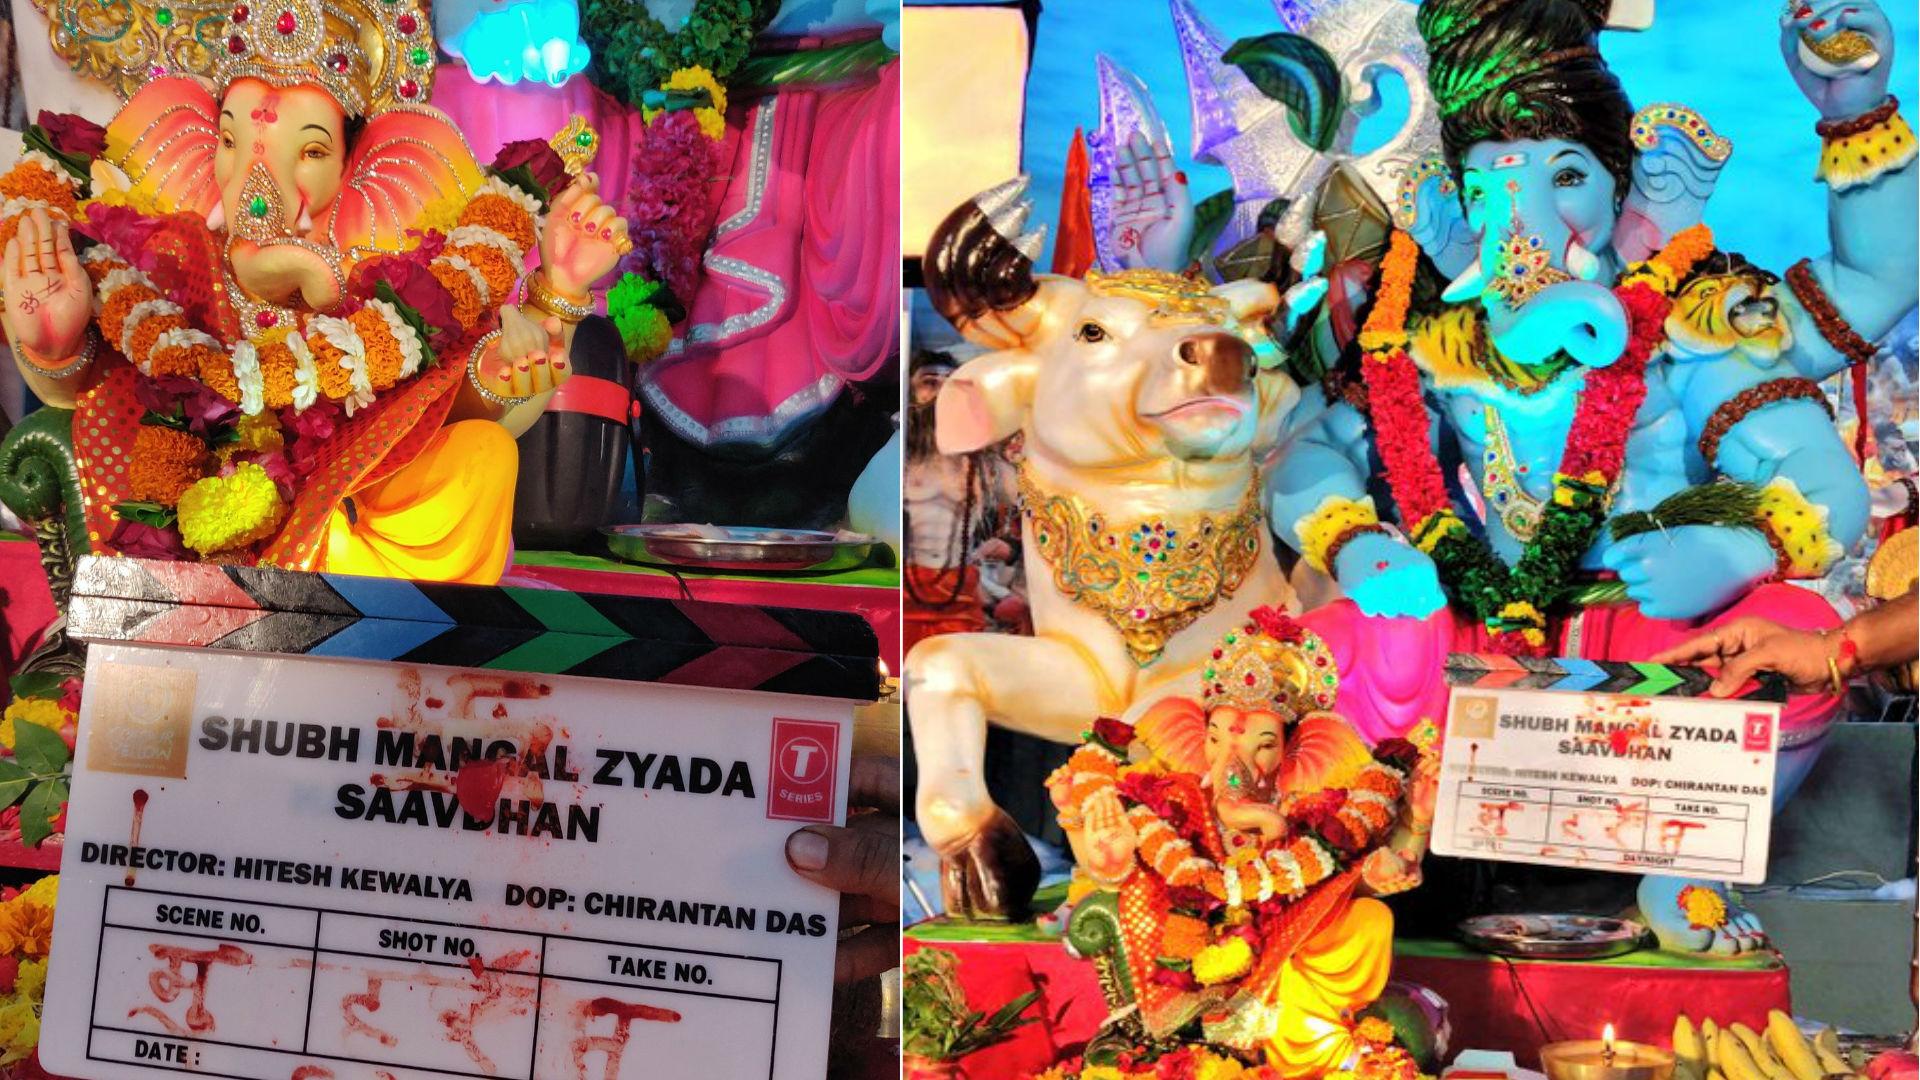 Shubh Mangal Zyada Saavdhan: गणपति बप्पा के आशीर्वाद के साथ शुरू हुई फिल्म की शूटिंग, ये है रिलीज डेट